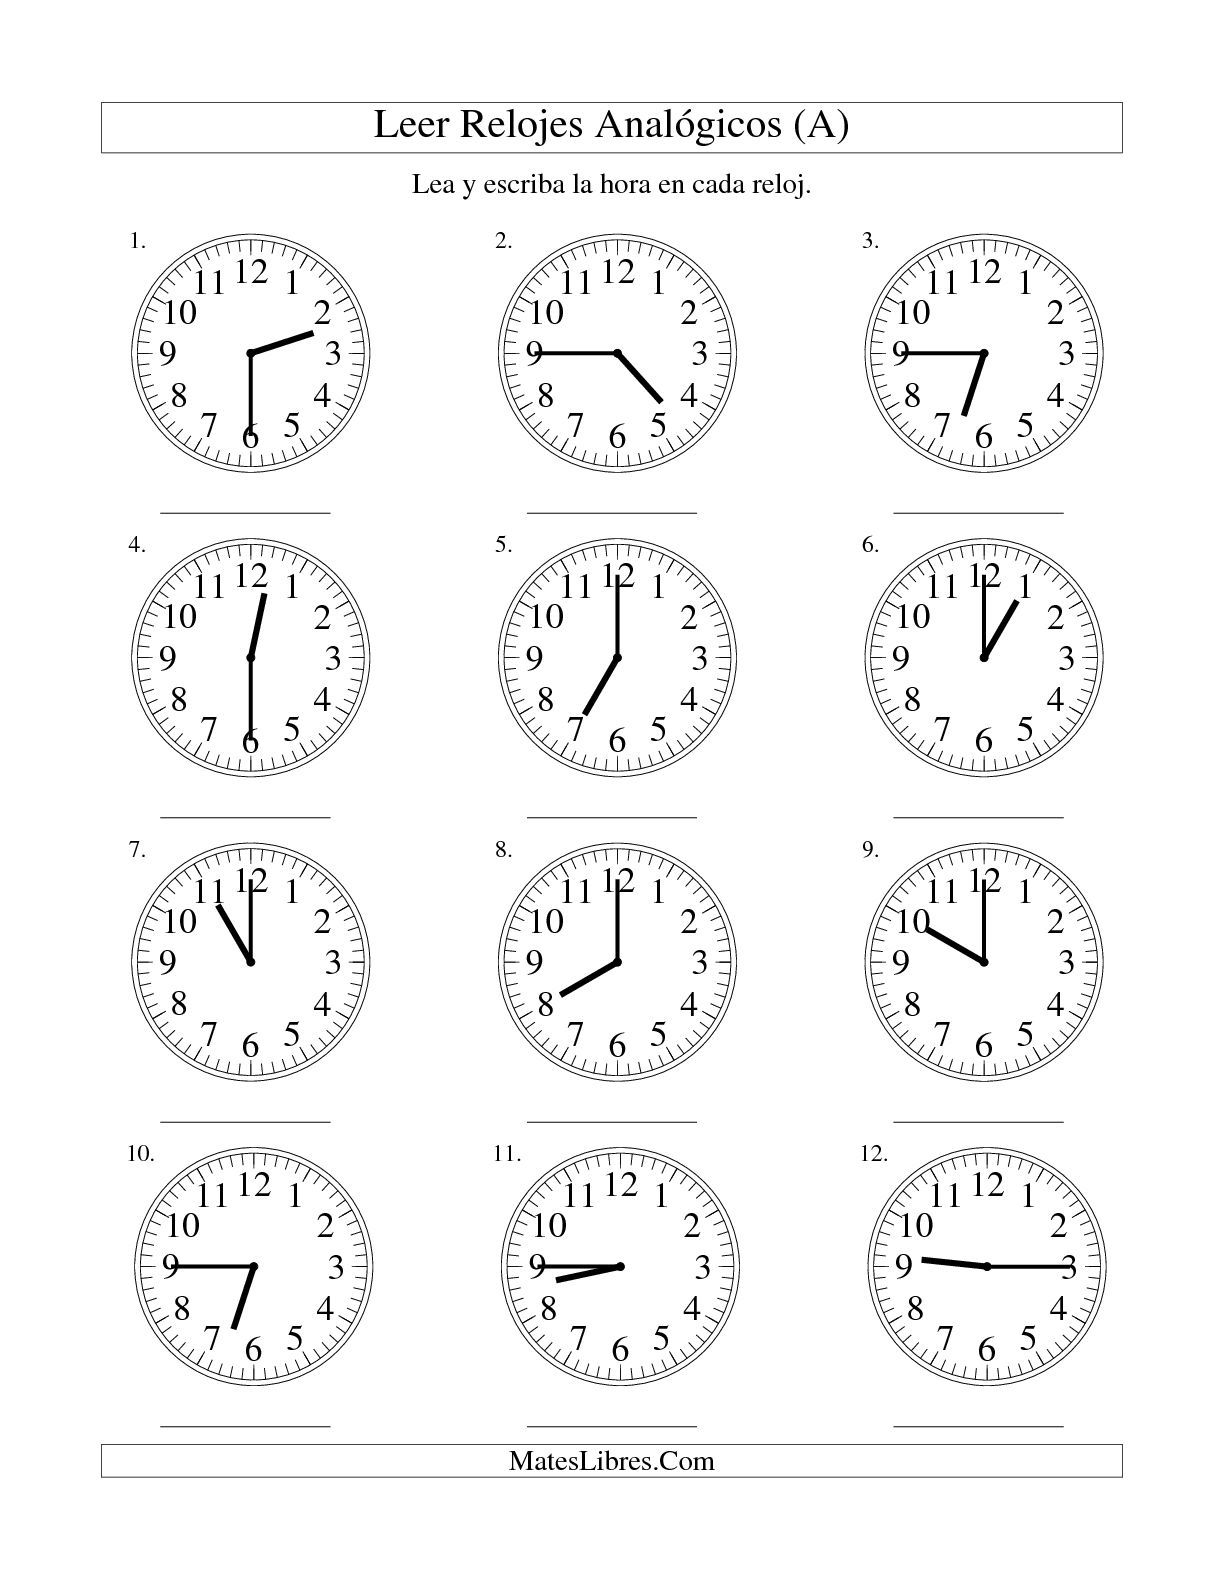 La Leer la Hora en un Reloj Analógico en Intervalos de 15 Minutos (A ...